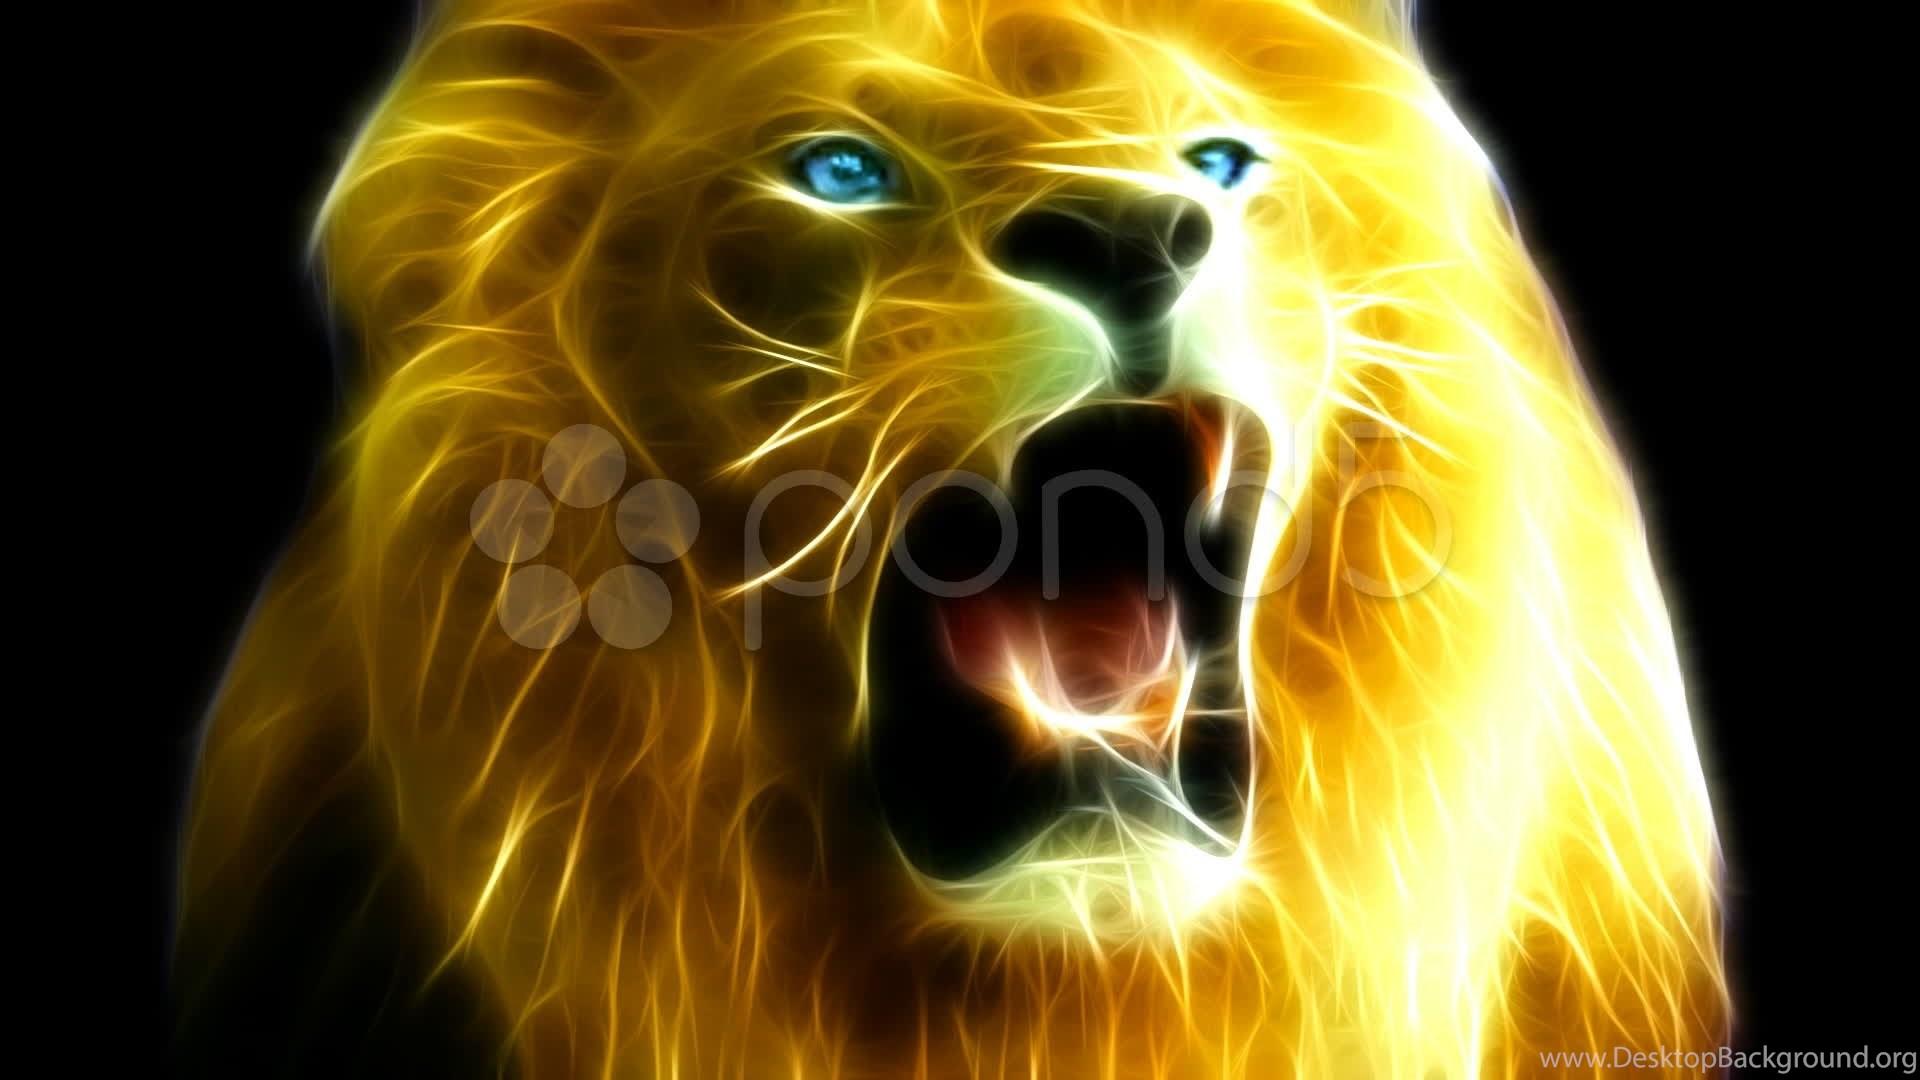 Lion Roars Fractal Rendering Hd Stock Footage YouTube Desktop